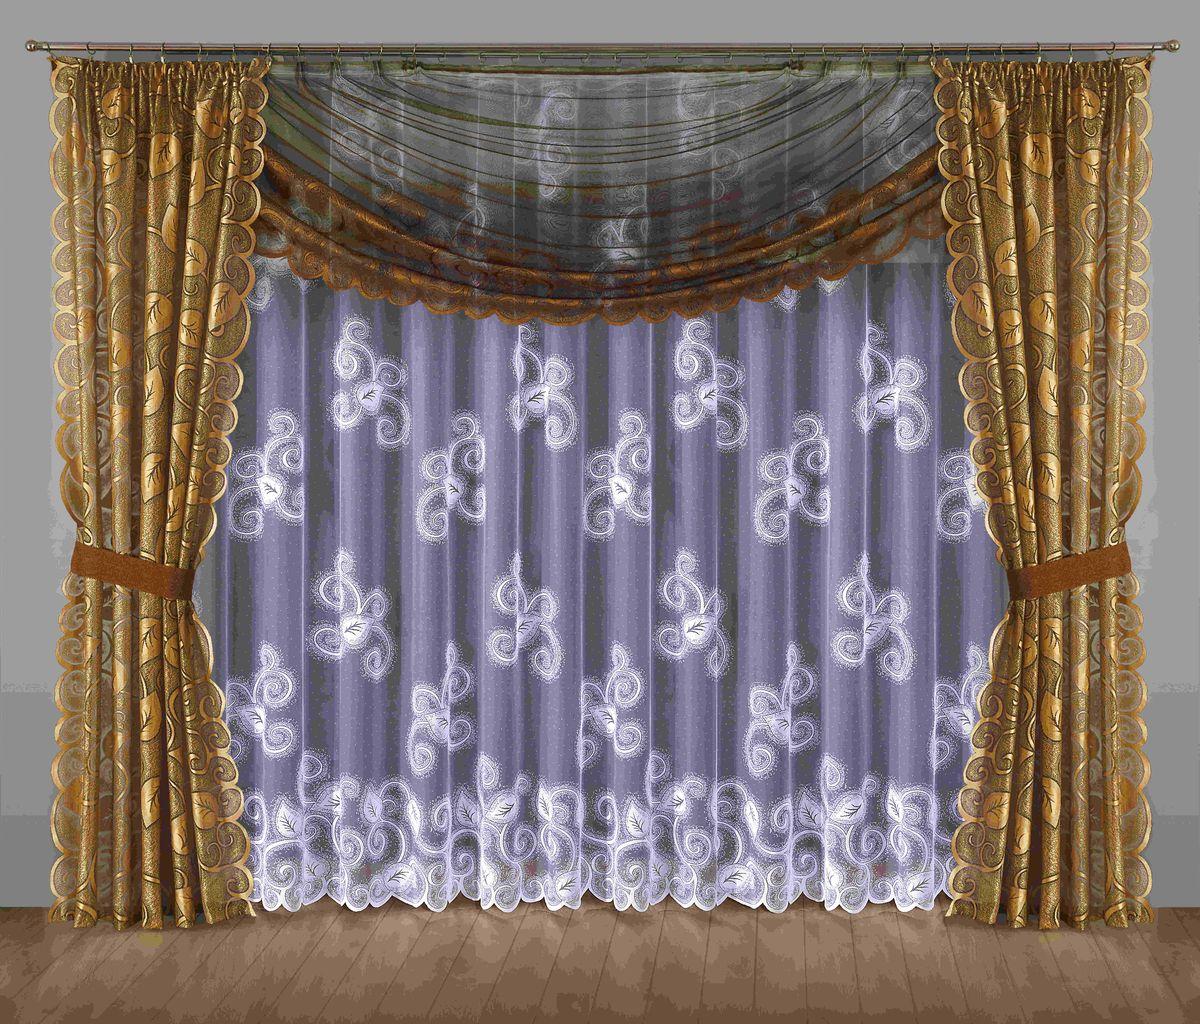 Комплект штор Wisan Ulryka, на ленте, цвет: коричневый, золотой, высота 250 см201WКомплект штор Wisan Ulryka выполненный из полиэстера, великолепно украсит любое окно. В комплект входят 2 шторы, тюль, ламбрекен и 2 подхвата. Интересный крой, и цветочный узор придают комплекту особый стиль и шарм. Тонкое плетение, нежная цветовая гамма и роскошное исполнение - все это делает шторы Wisan Ulryka замечательным дополнением интерьера помещения. Комплект оснащен шторной лентой для красивой сборки. В комплект входит: Штора - 2 шт. Размер (ШхВ): 145 см х 250 см. Тюль - 1 шт. Размер (ШхВ): 400 см х 250 см. Ламбрекен - 1 шт. Размер (ШхВ): 350 см х 145 см. Подхват - 2 шт. Фирма Wisan на польском рынке существует уже более пятидесяти лет и является одной из лучших польских фабрик по производству штор и тканей. Ассортимент фирмы представлен готовыми комплектами штор для гостиной, детской, кухни, а также текстилем для кухни (скатерти, салфетки, дорожки, кухонные занавески). Модельный ряд отличает оригинальный...